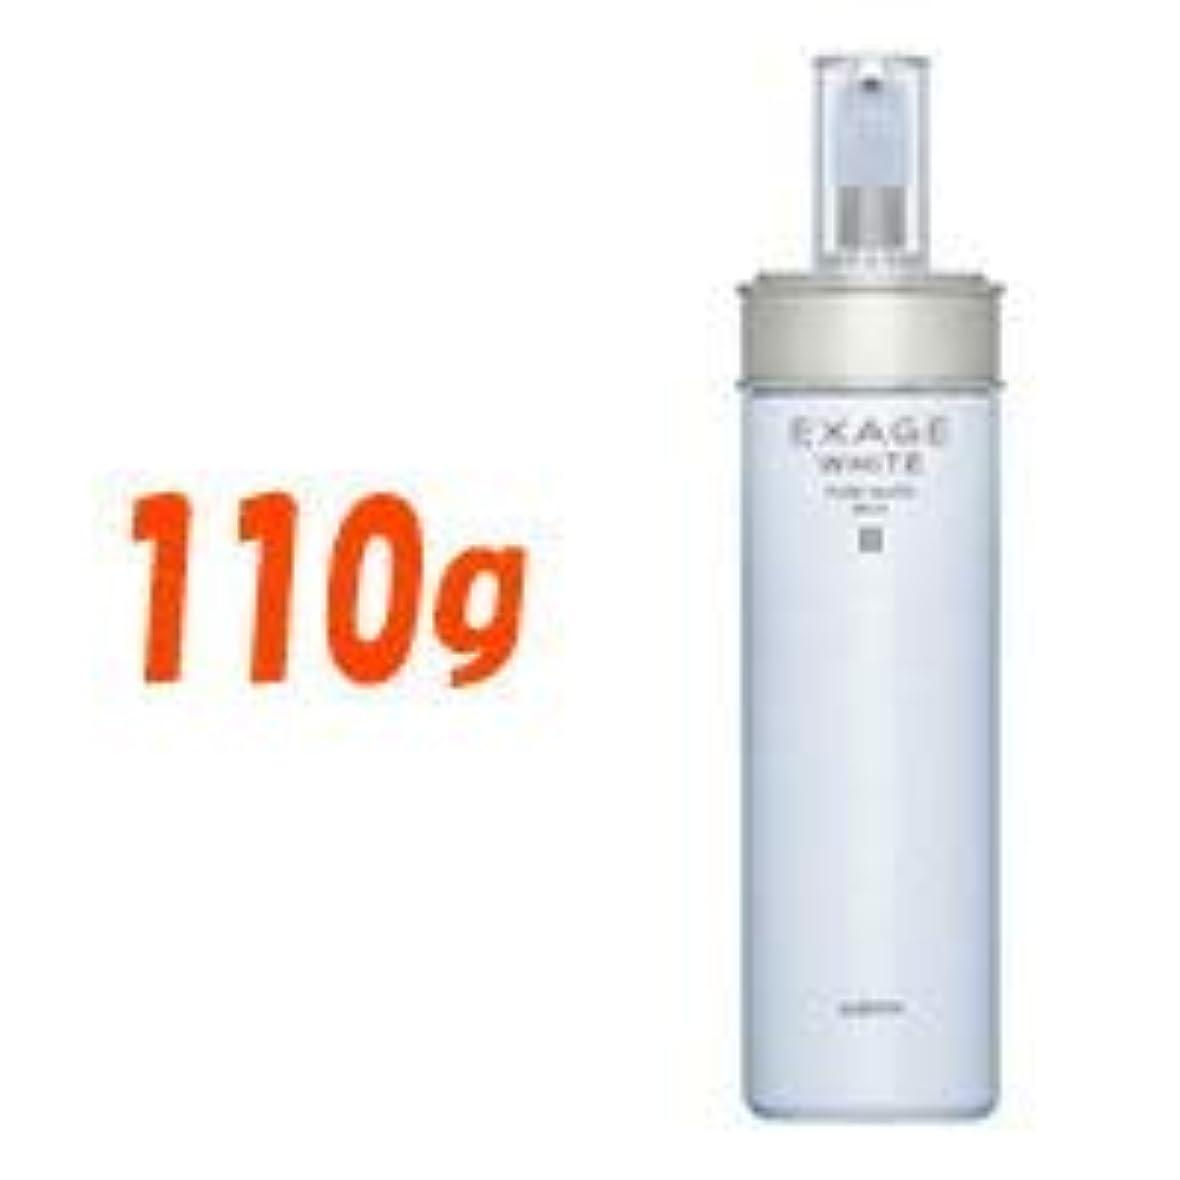 テラス乳剤失効アルビオン エクサージュ ホワイトピュアホワイトミルク(2) 110g